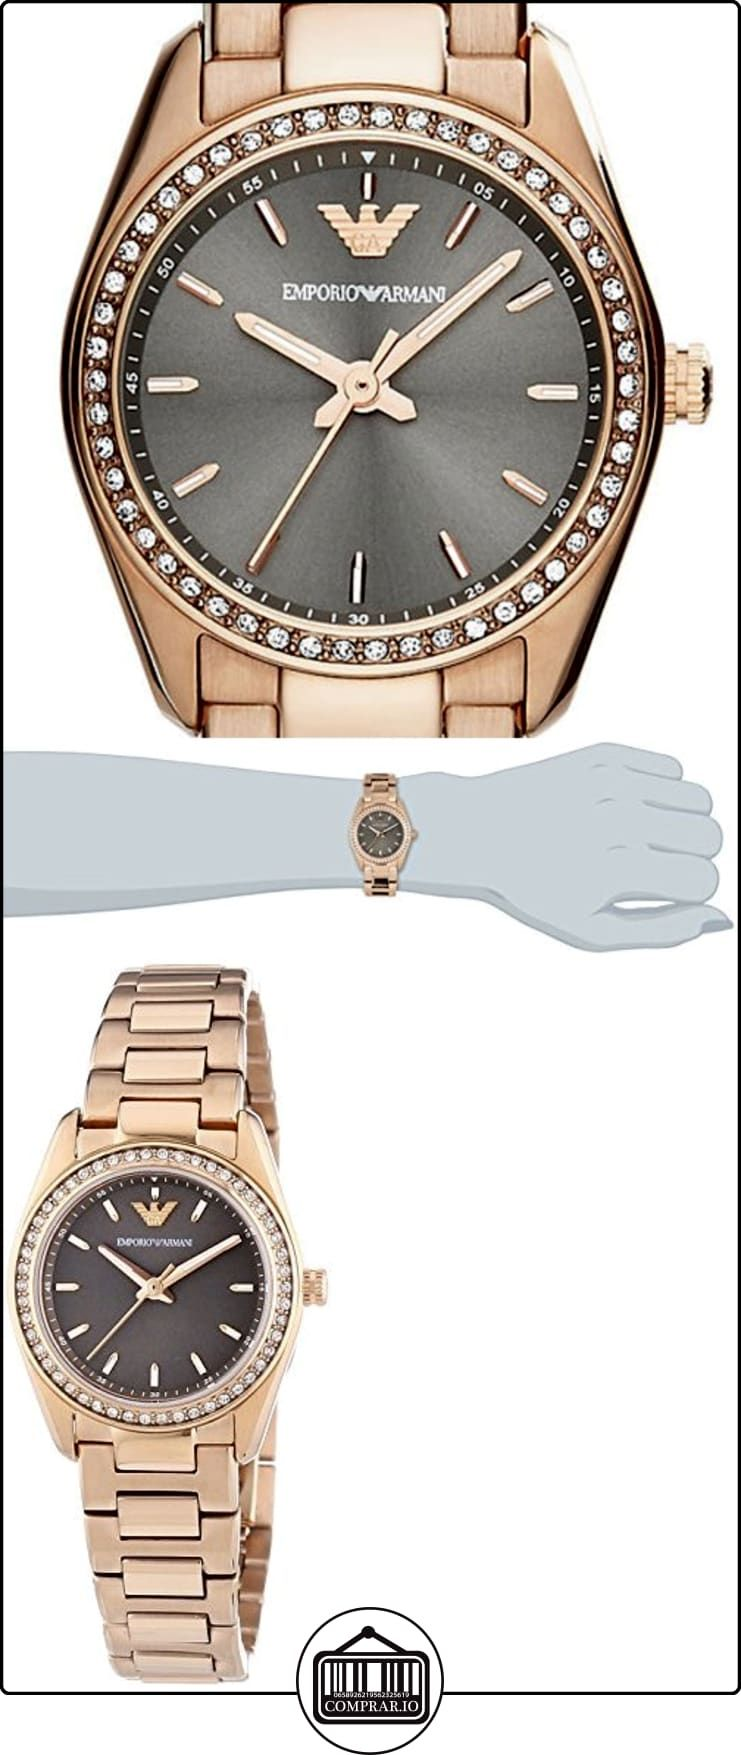 65a903519f4b Emporio Armani AR6030 - Reloj de cuarzo para mujer